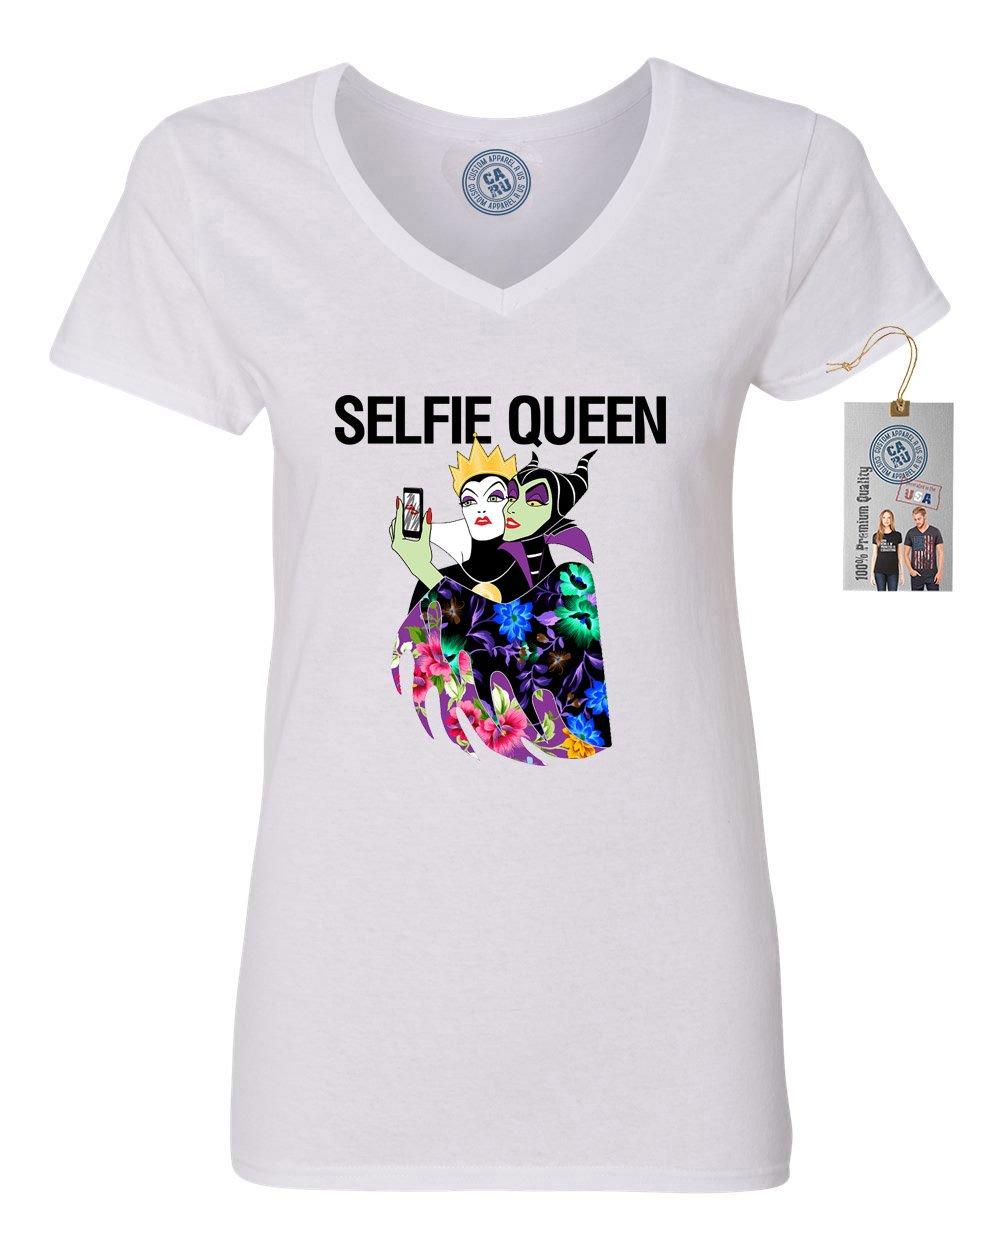 Selfie Queen Evil Queens Top 4412 Shirts